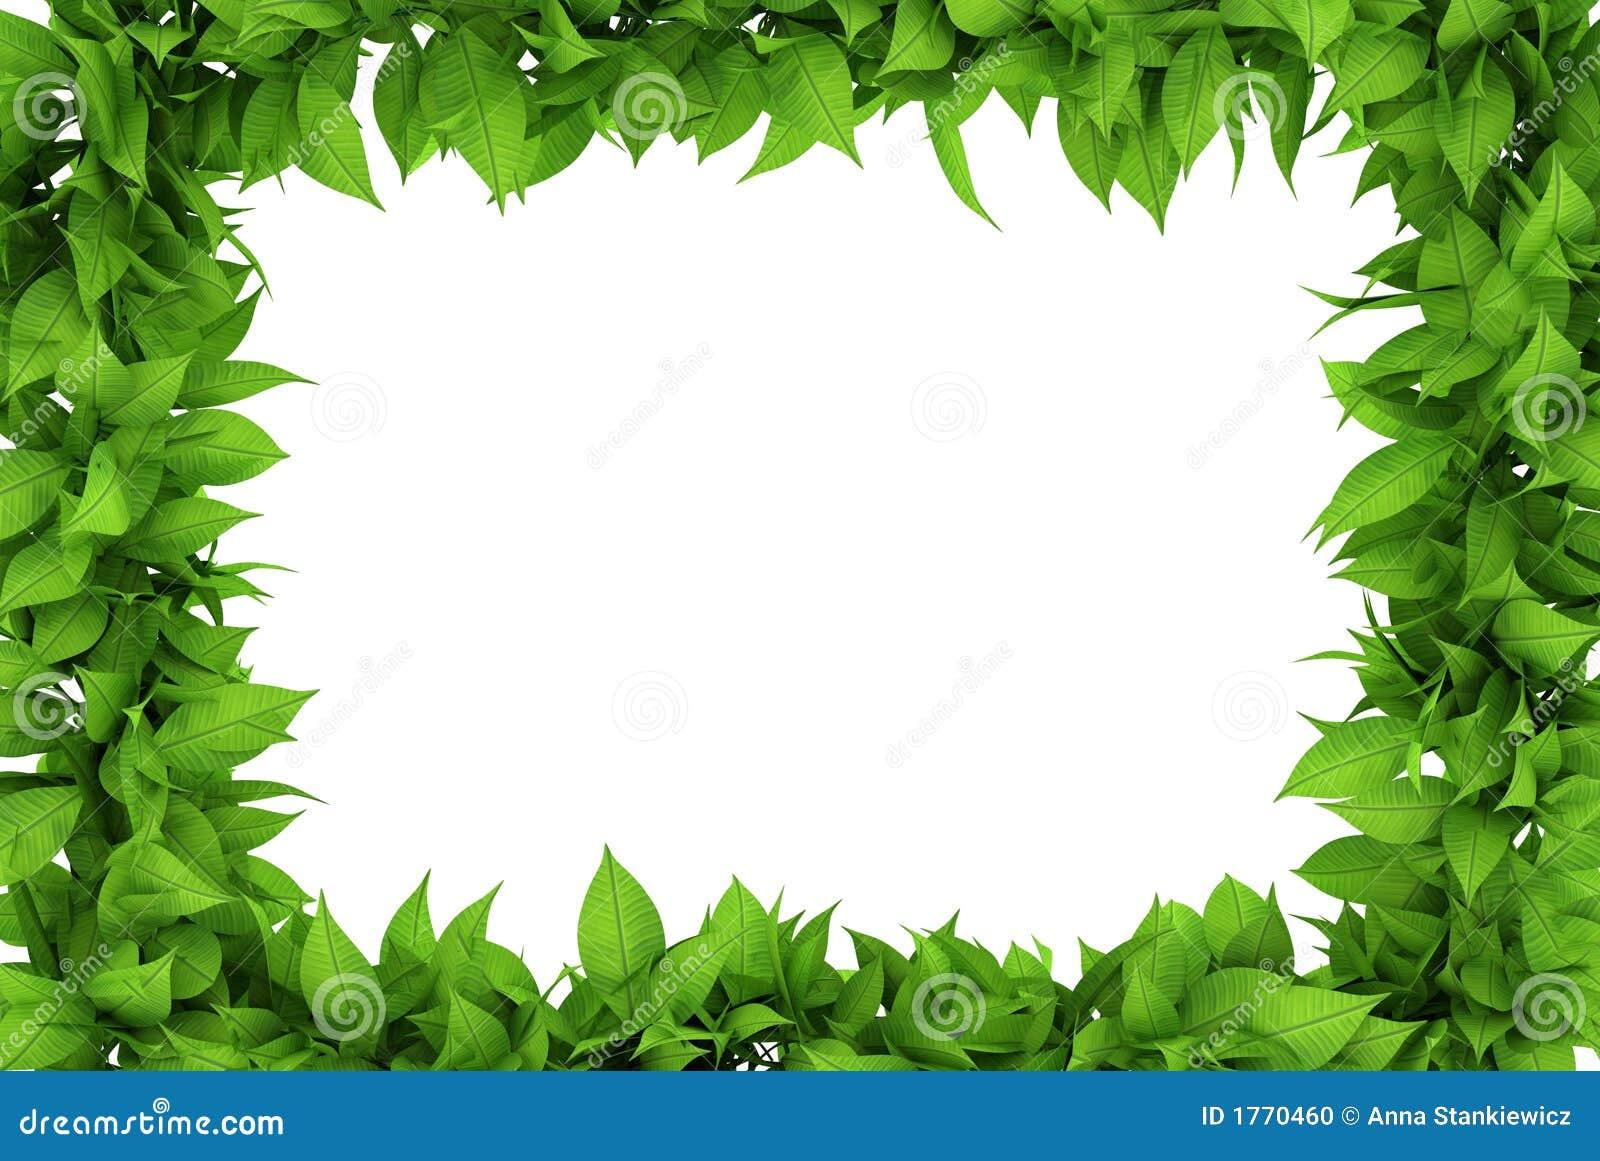 Marco floral foto de archivo imagen de gr fico dise o - Marcos para plantas ...